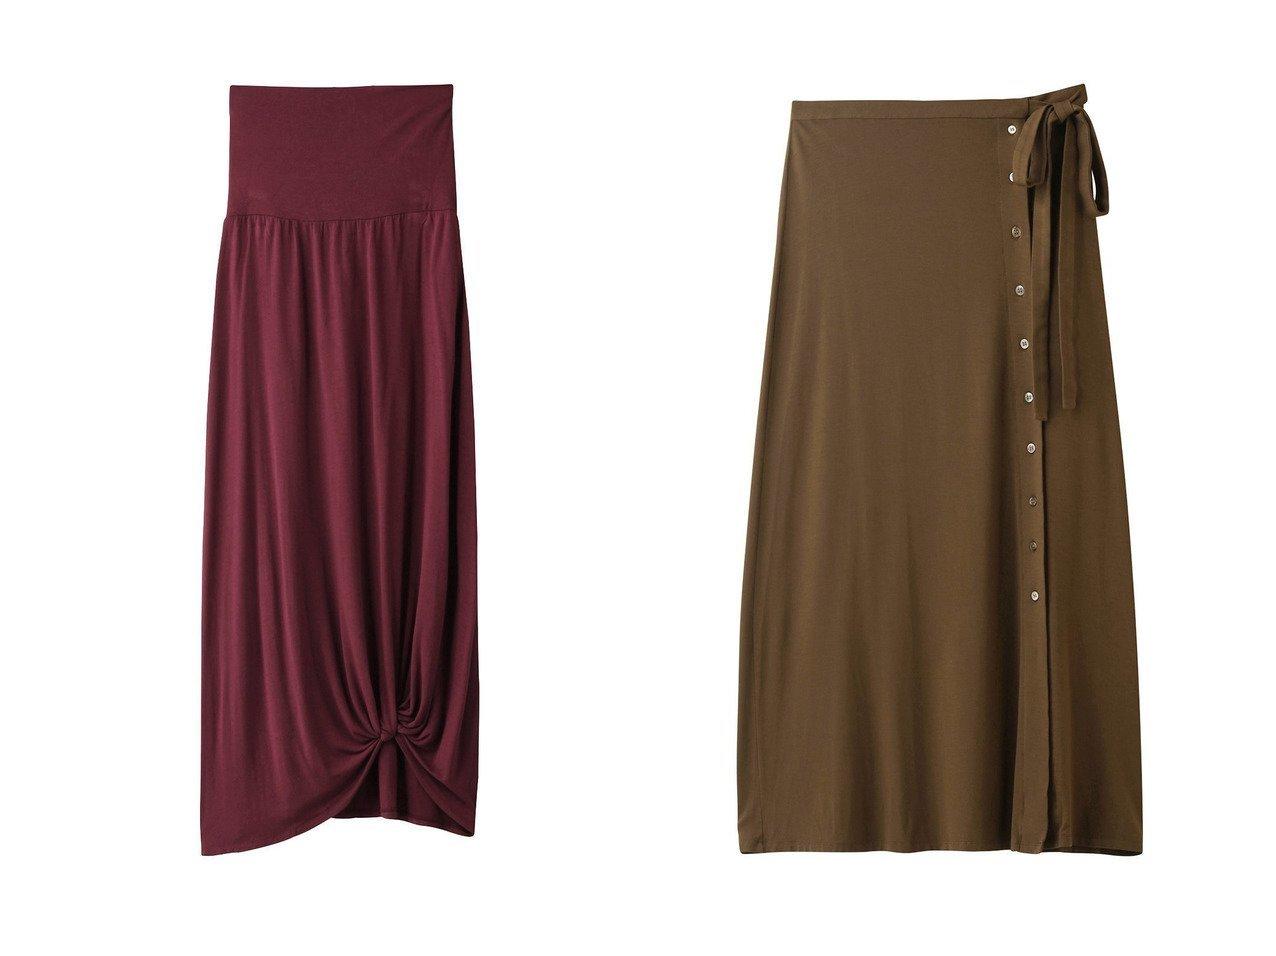 【three dots/スリー ドッツ】のスカート&スカート 【スカート】おすすめ!人気、トレンド・レディースファッションの通販 おすすめで人気の流行・トレンド、ファッションの通販商品 インテリア・家具・メンズファッション・キッズファッション・レディースファッション・服の通販 founy(ファニー) https://founy.com/ ファッション Fashion レディースファッション WOMEN スカート Skirt リボン リラックス とろみ ツイスト ドレープ フレア ロング |ID:crp329100000053491